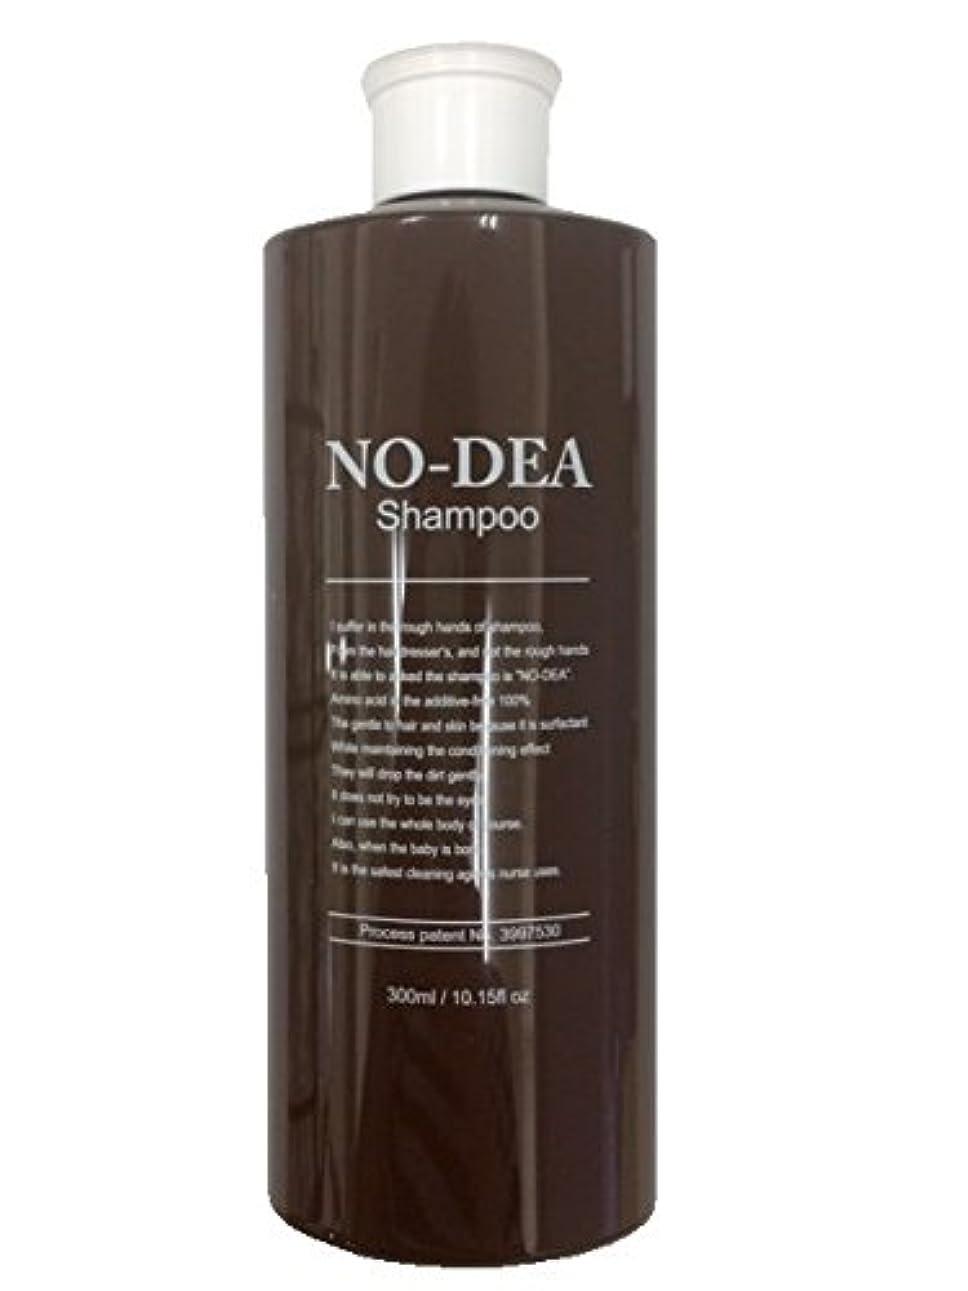 印刷するサイズ翻訳NO-DEA Shampoo 【ノデア シャンプー】 300ml